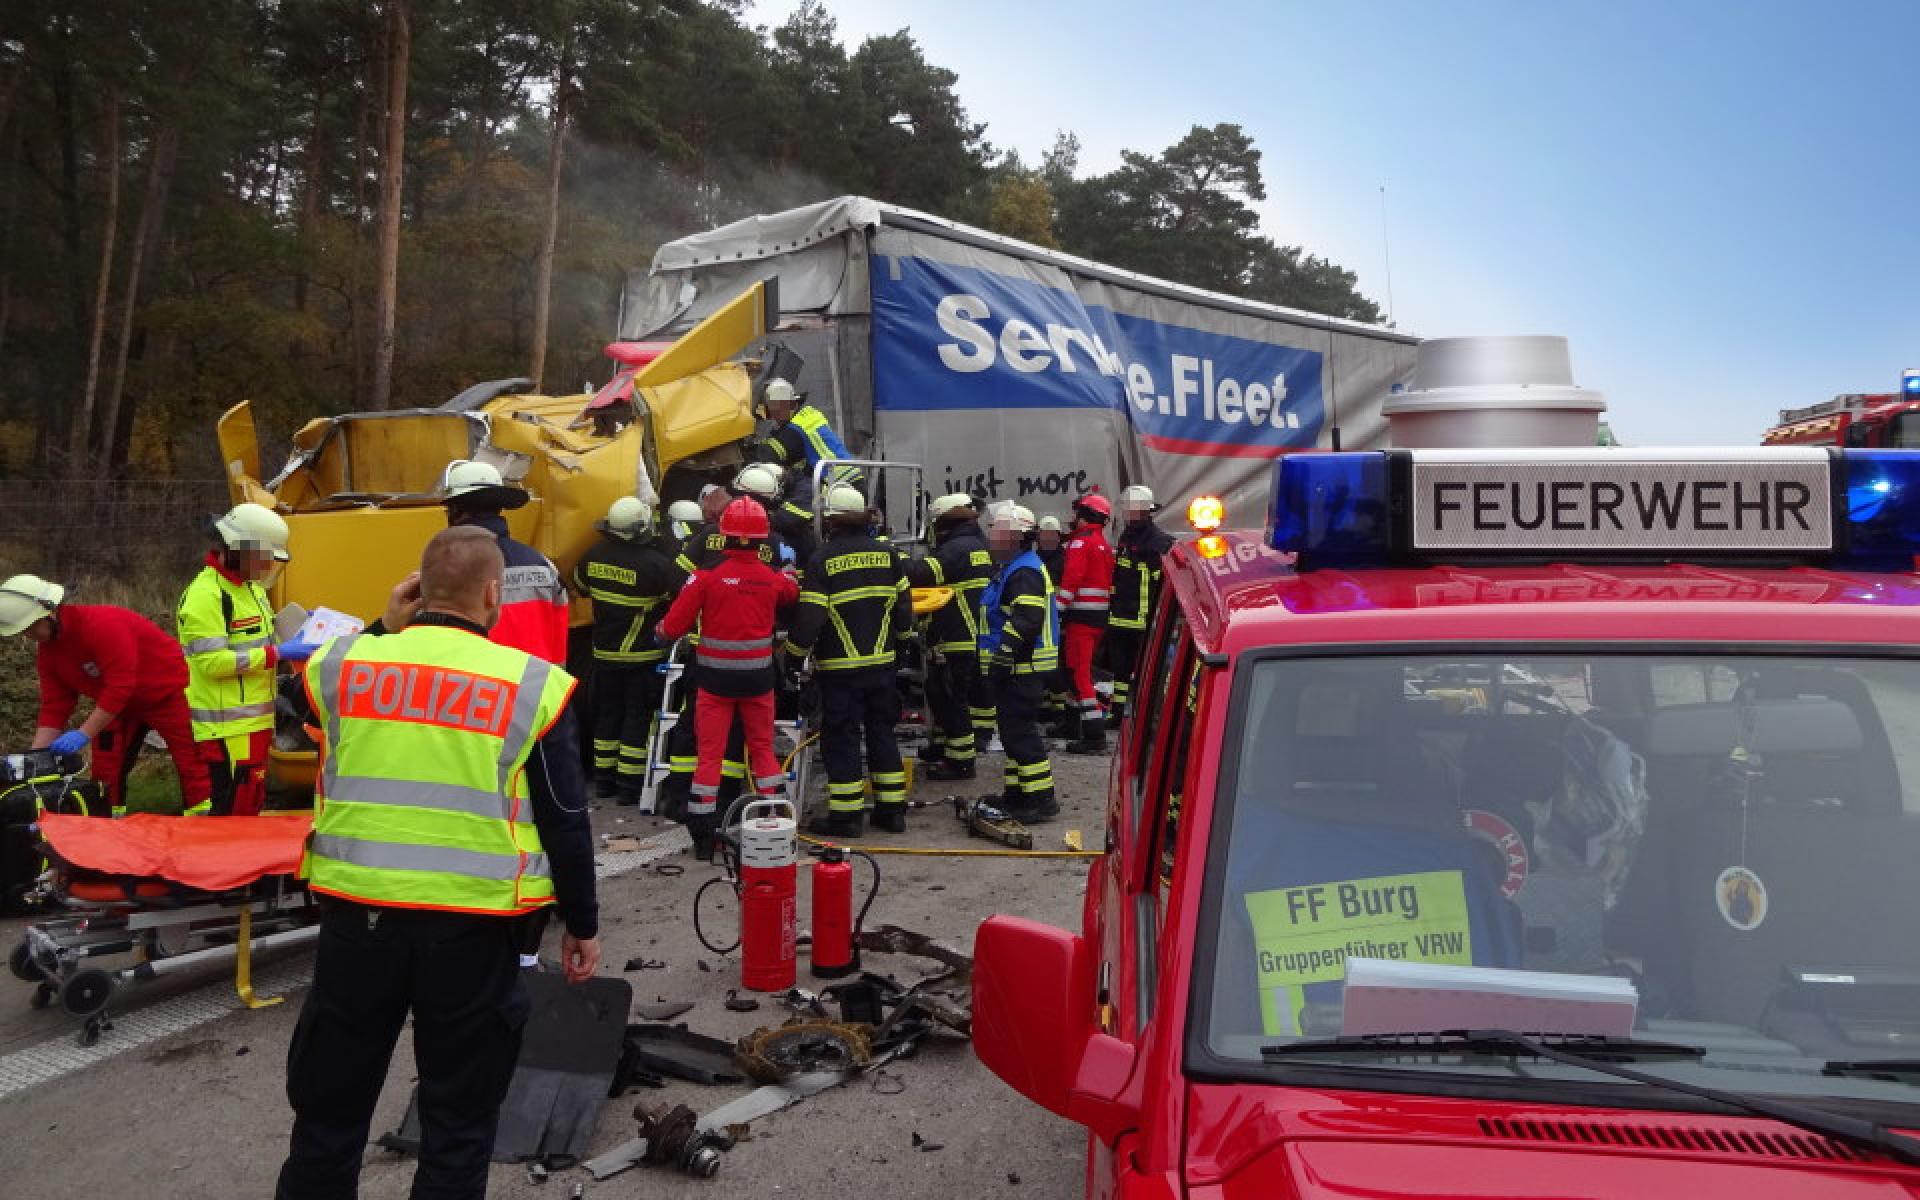 Aufgrund der Nähe zu den Autobahnen A2 und A14 zählen Verkehrsunfälle zum häufigen Einsatzspektrum.